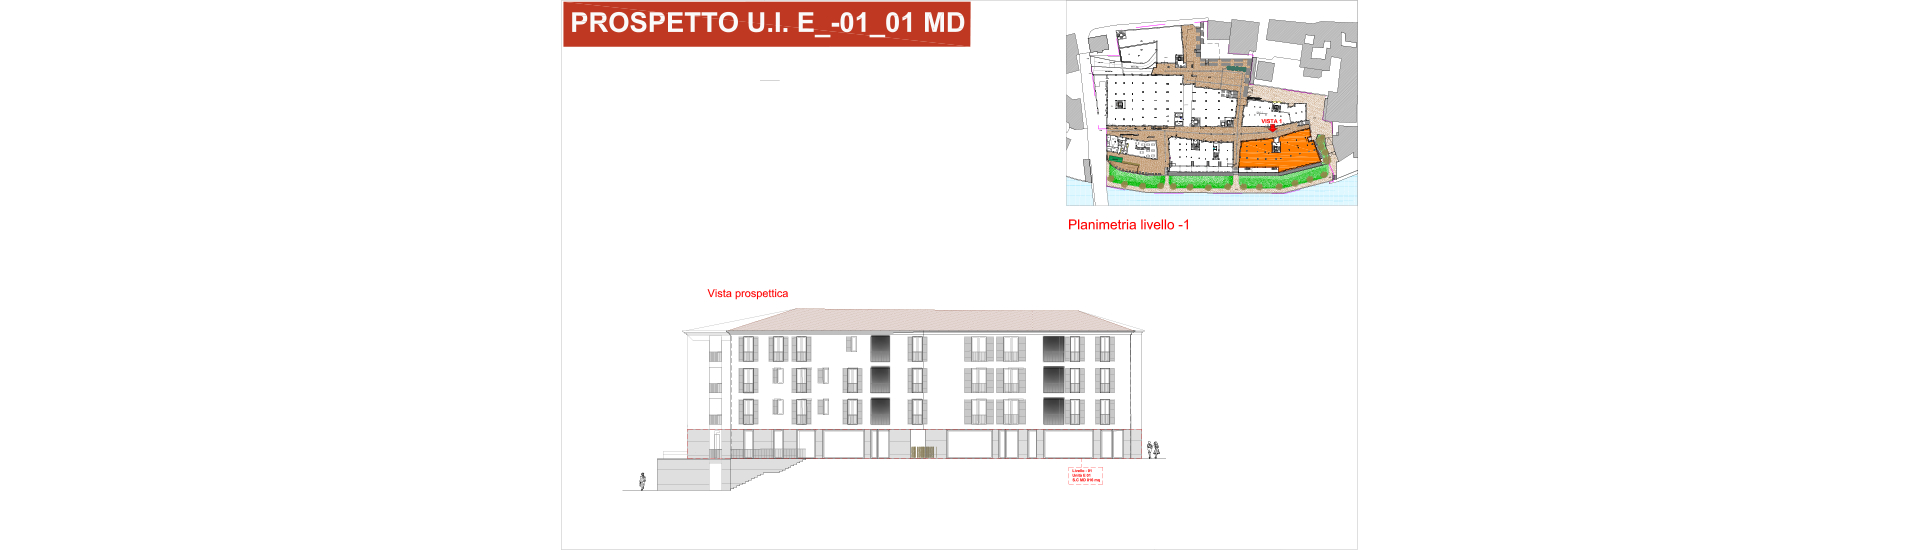 Edificio E, E_-01_01, immagine completa